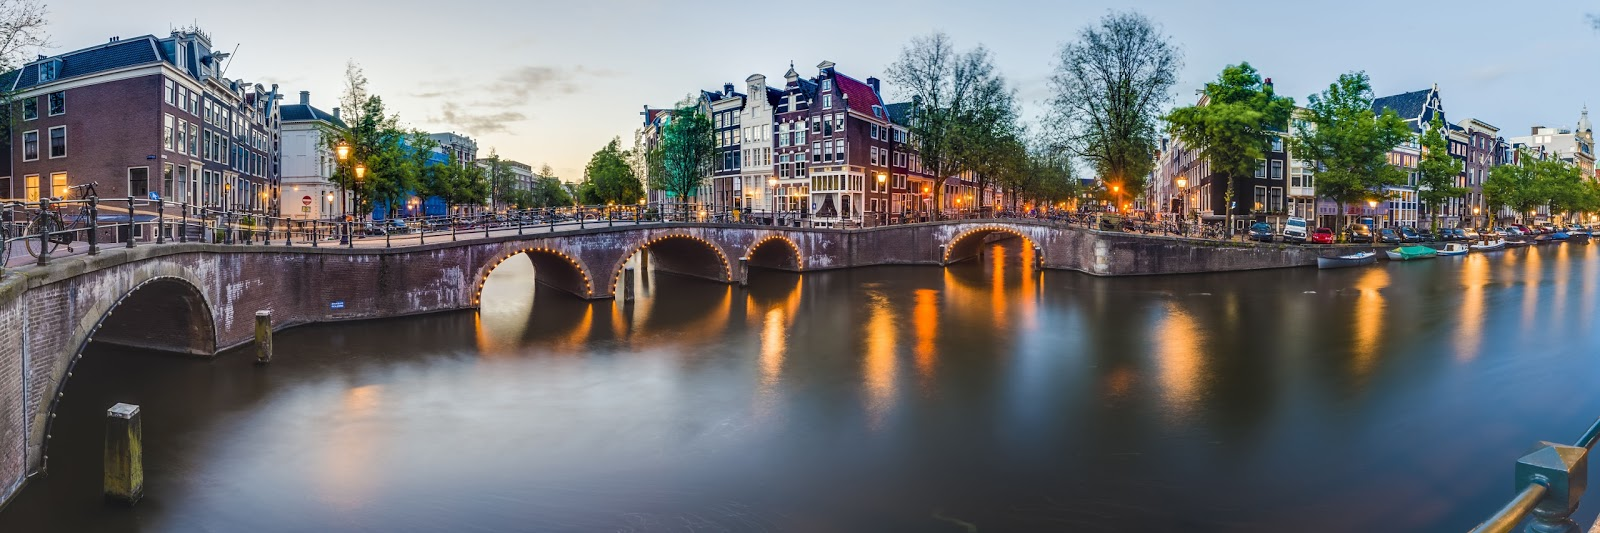 Scaduta offertissima mercatini di natale ad amsterdam for Appartamenti amsterdam centro low cost